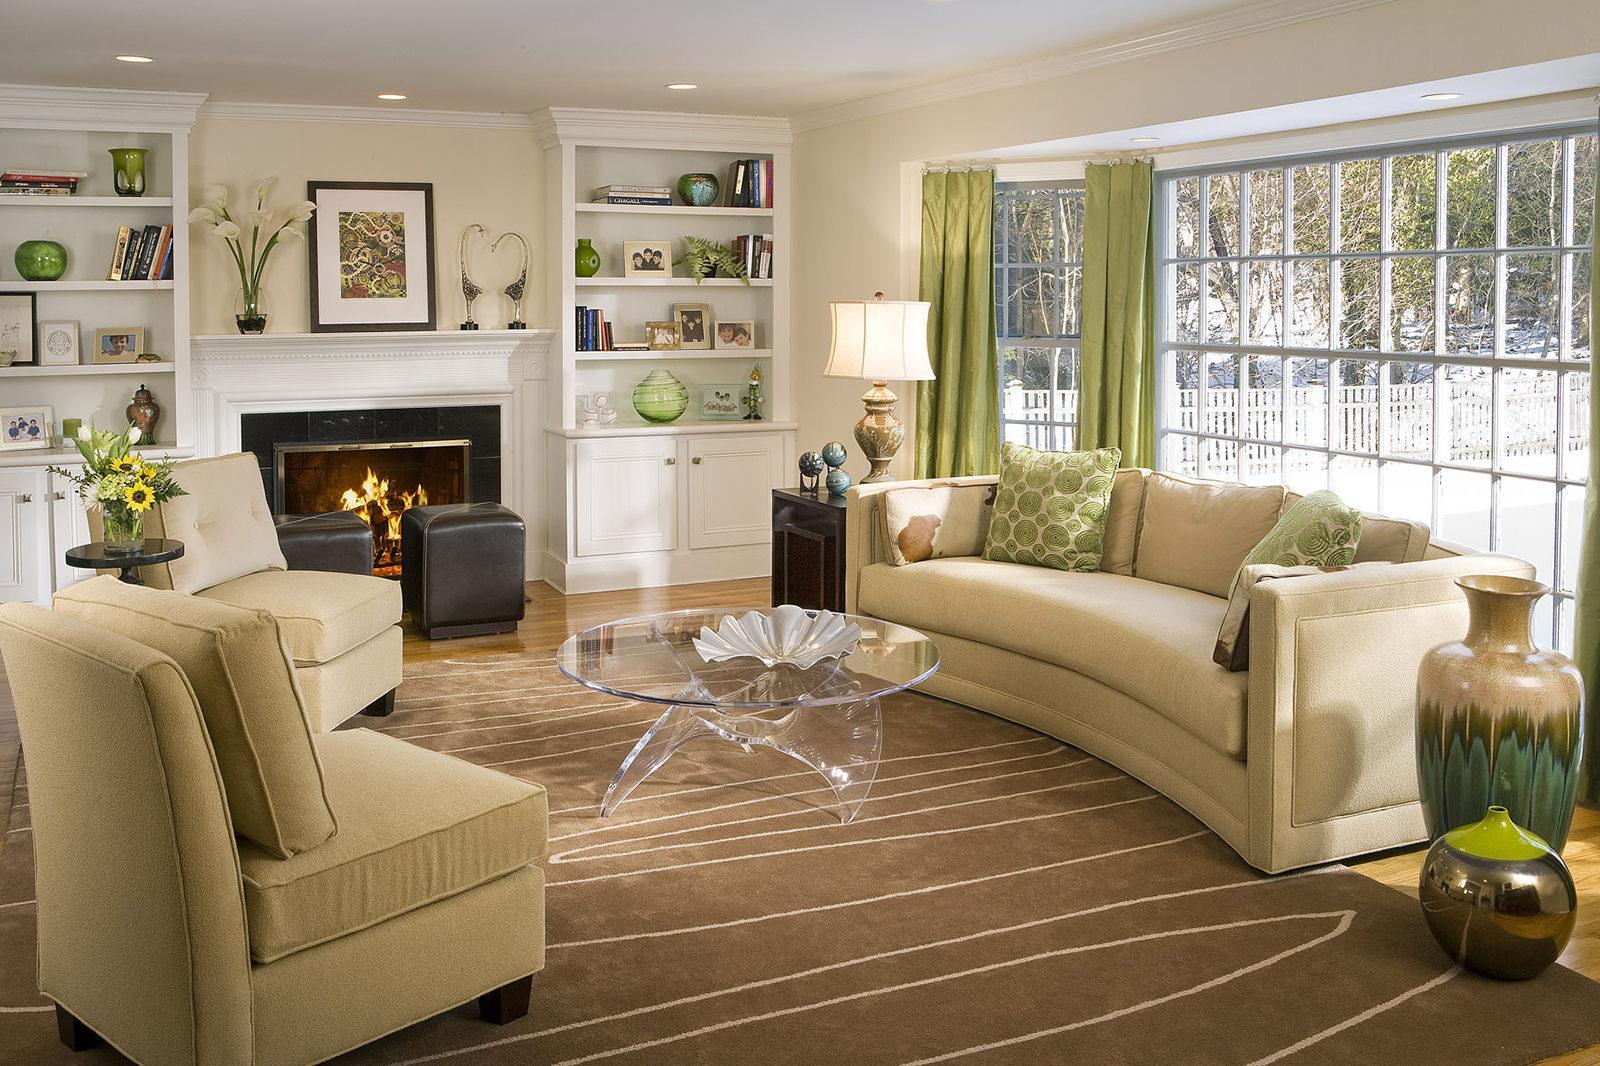 Бежевый, зеленый и коричневый цвета в интерьере гостиной